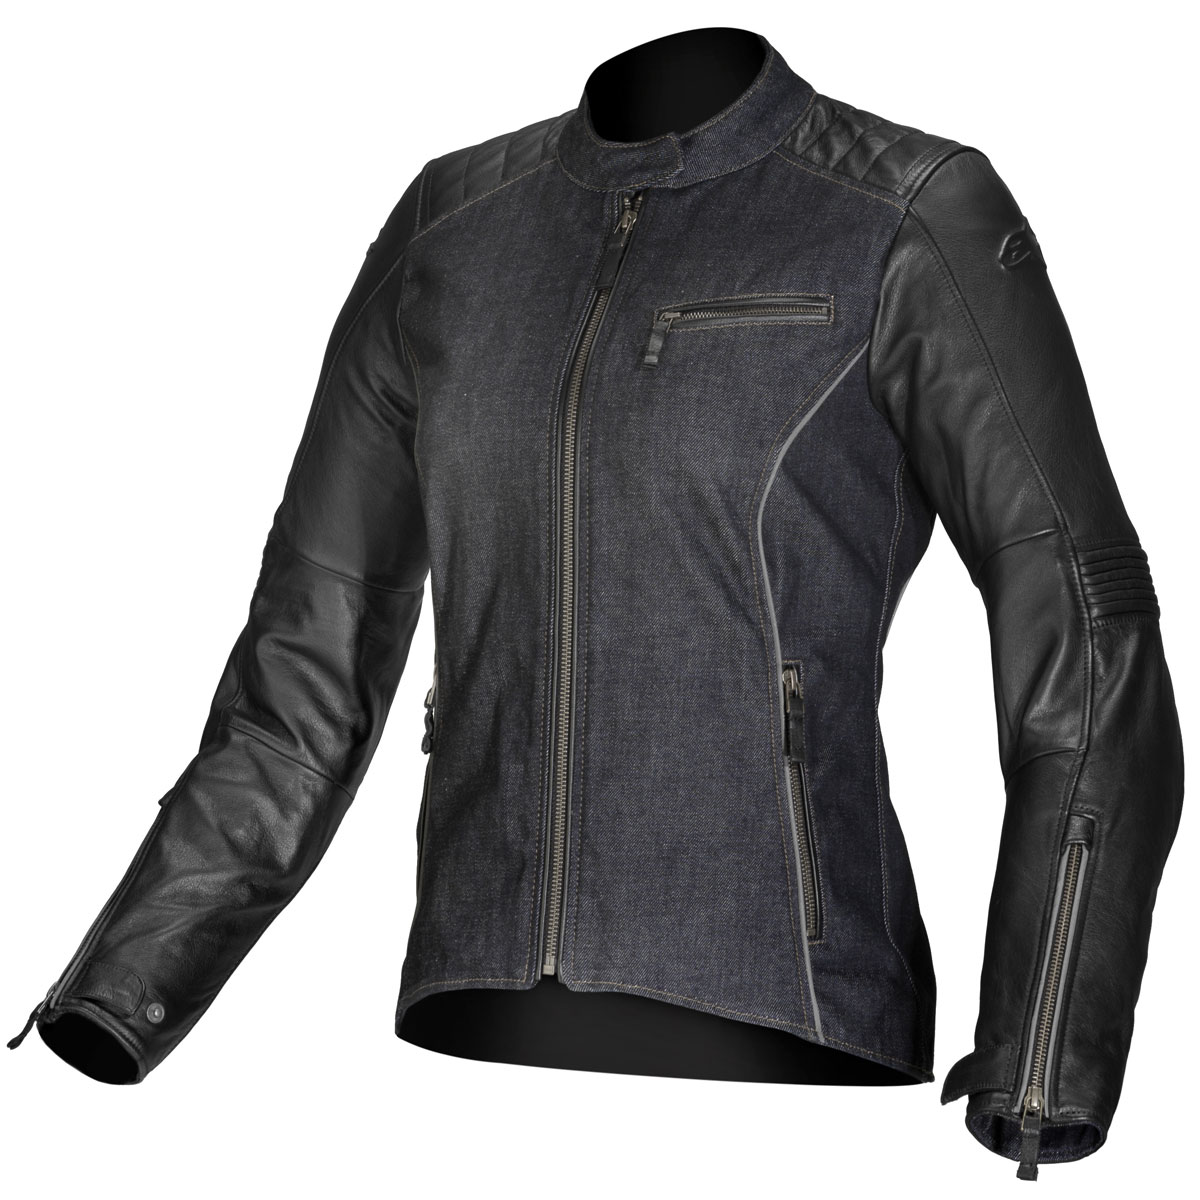 Alpinestars Renee Womens Stella Textile/Leather Jacket Black